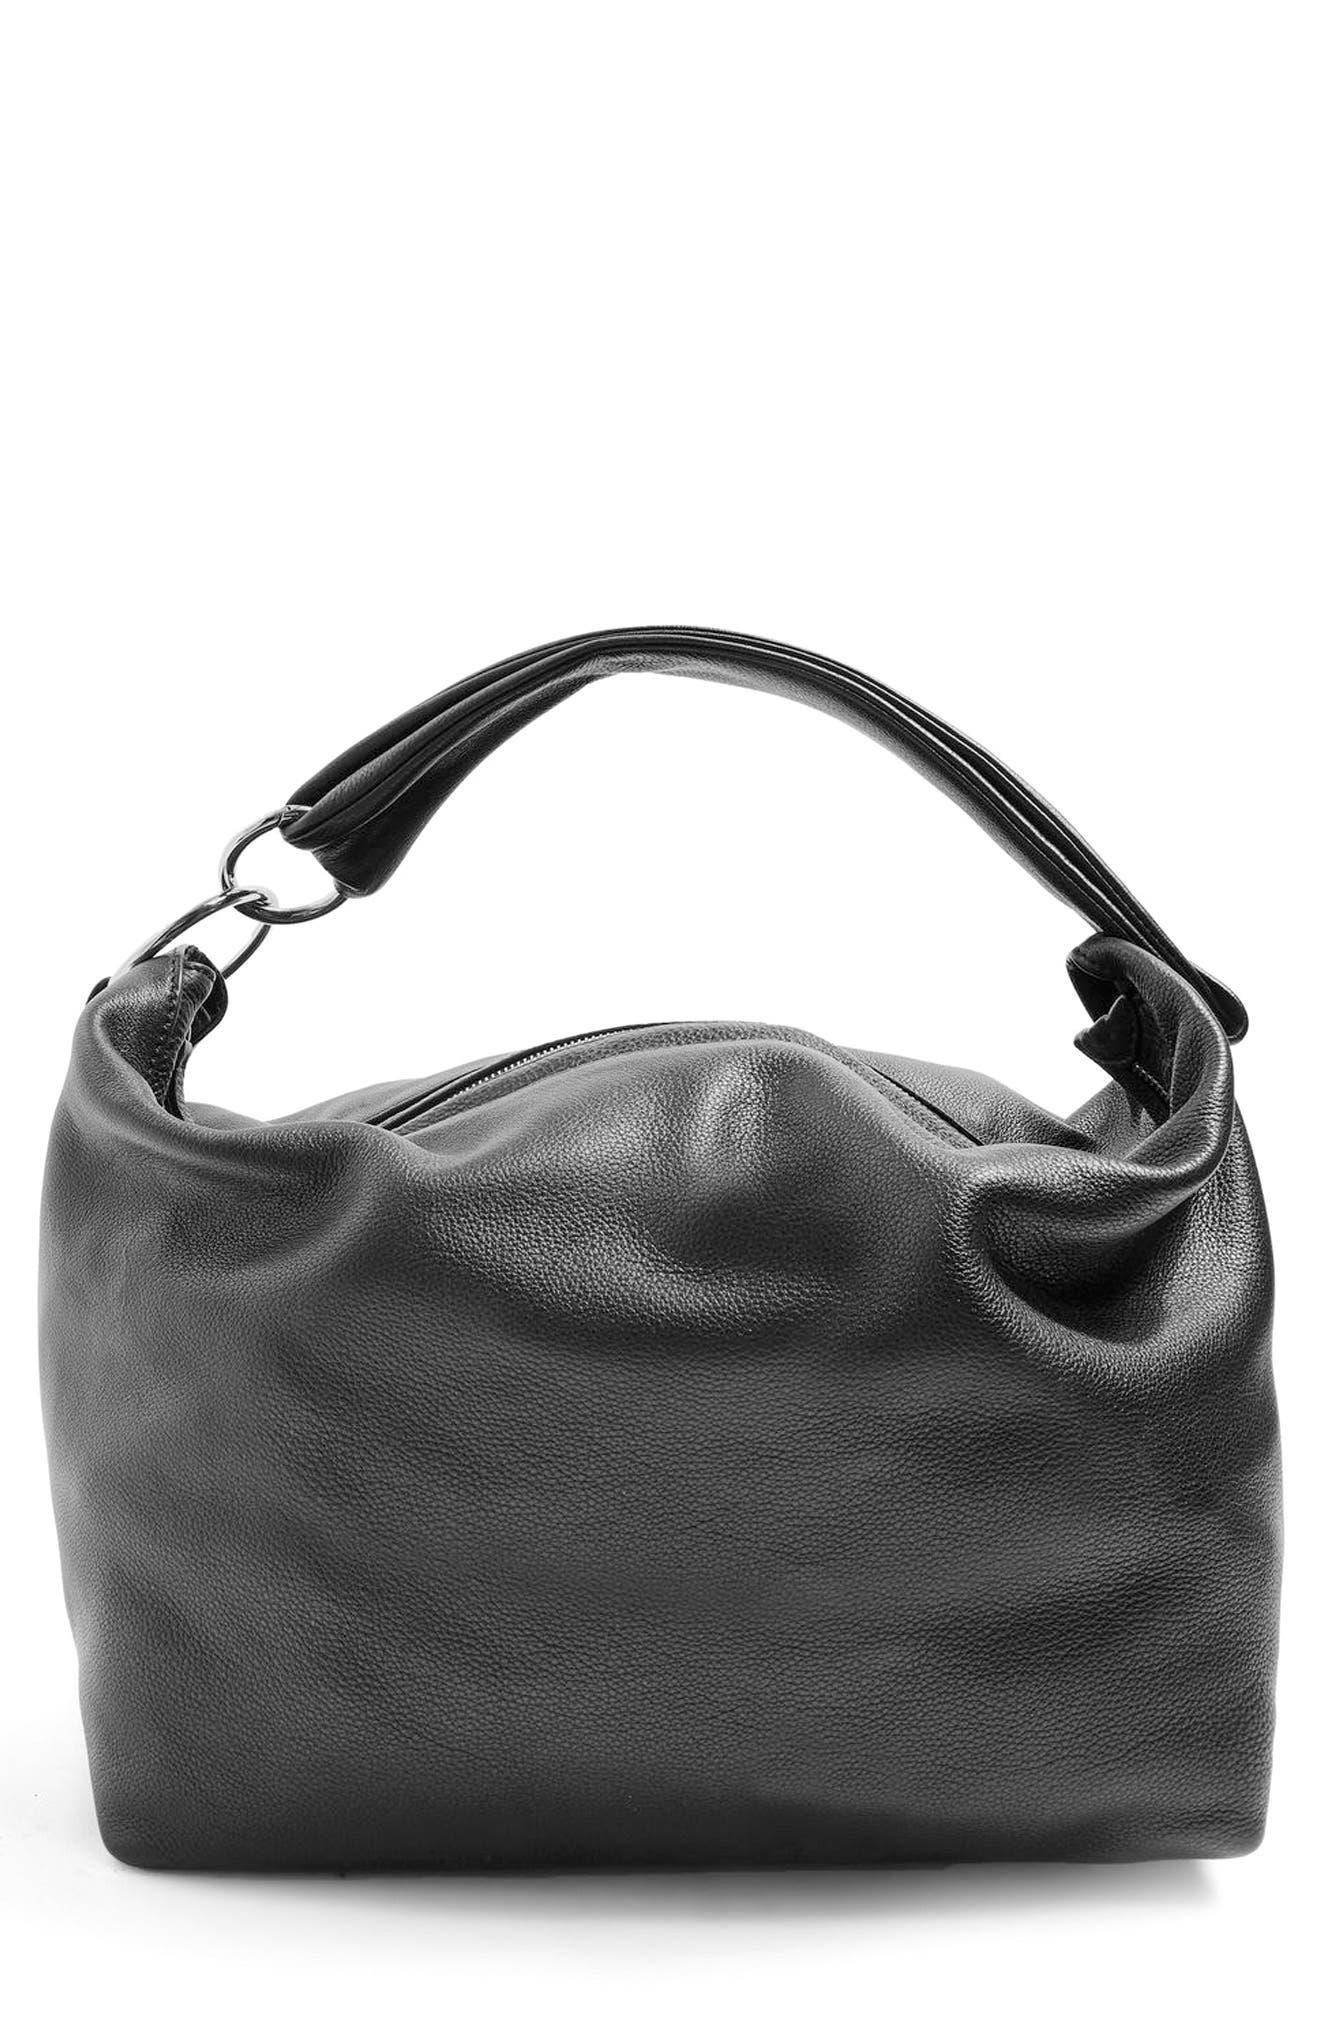 Topshop Leather Hobo Bag